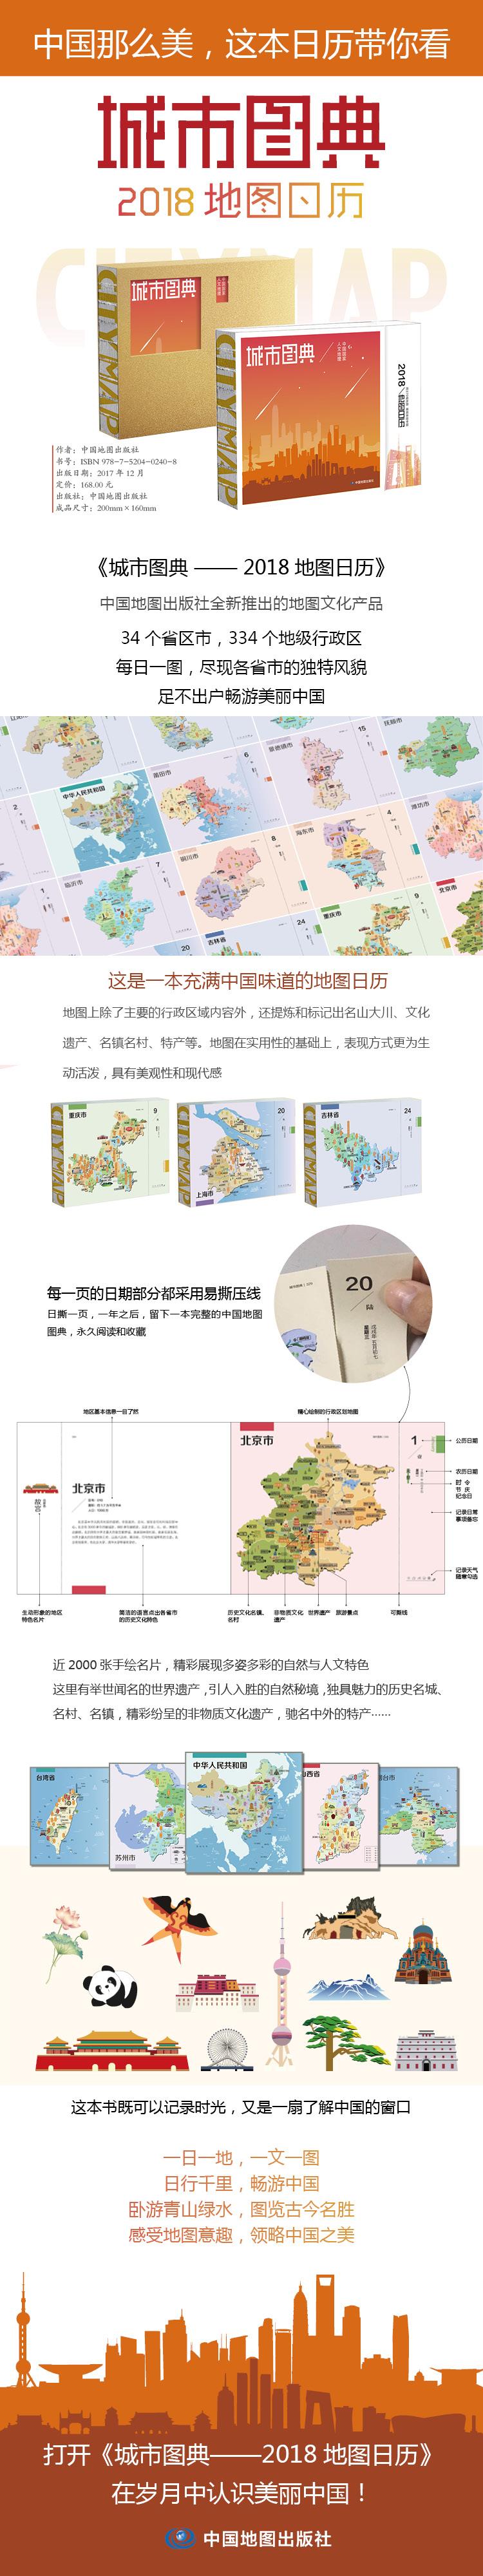 【编辑推荐】 《城市图典》是中国地图出版社出版的一本以中国行政区划地图为主题的日历书,以省级和市级行政区地图为主体,并以插图的形式提取名片,展现各地区的风景名胜、文化遗产、历史名城、名优特产等特色信息。每幅地图配有精要的文字讲解。此外,还增加了日历的功能。每日一图,一地一文,让读者足不出户就能领略美丽中国的山水与文化。本书既有政区图特点,又兼具日历功用,适合地理地图爱好者、旅游爱好者、中国文化爱好者阅读。此书有以下几大亮点:一本形式新颖活泼的中国省区、城市地图日历书;370张地图,365个省份及城市,近